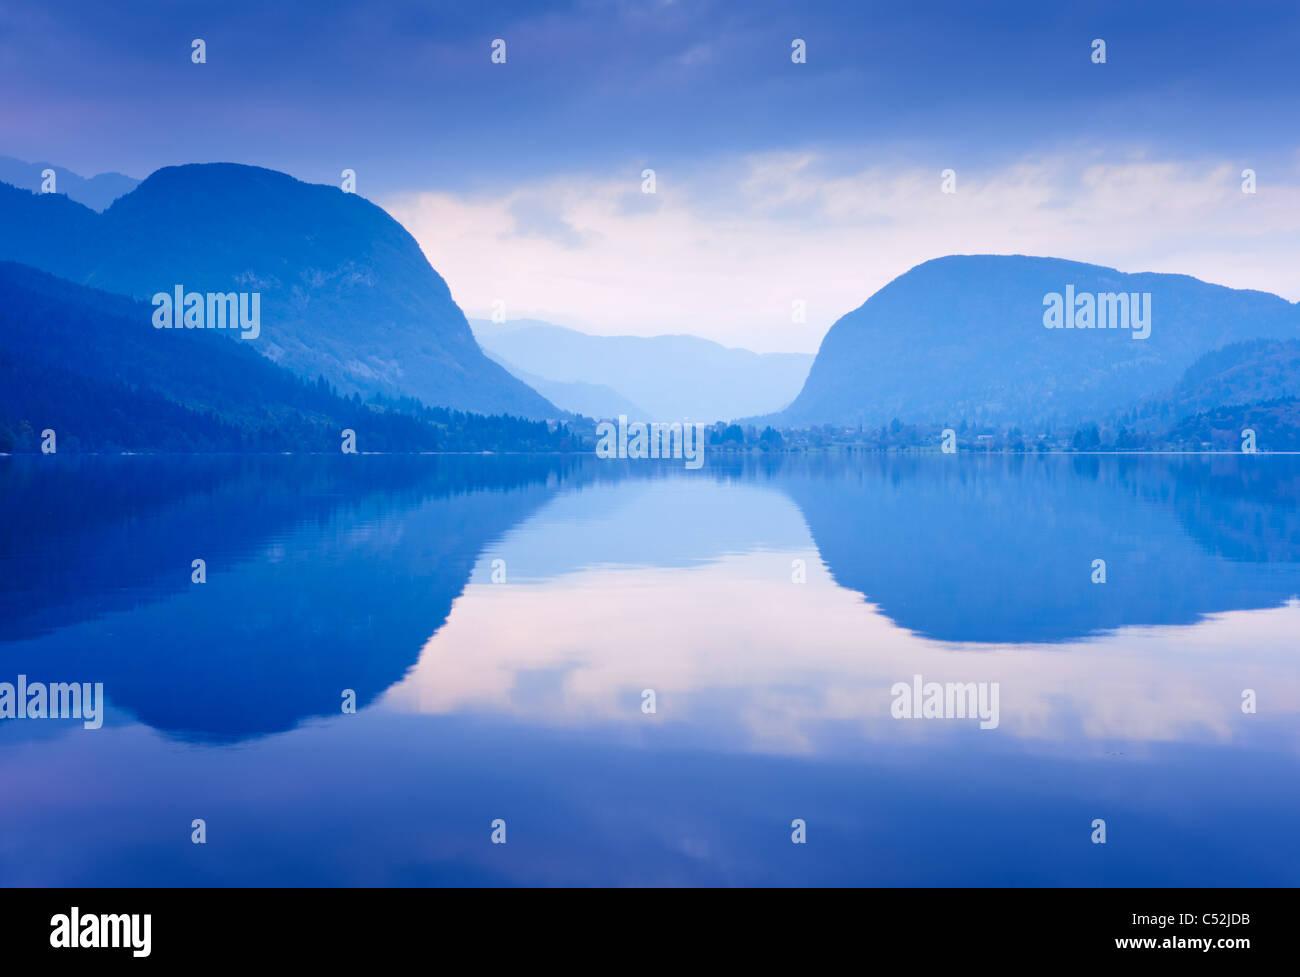 Blue Mountains spiegelt sich im Wasser des Sees. Bohinj See, Slowenien. Stockbild